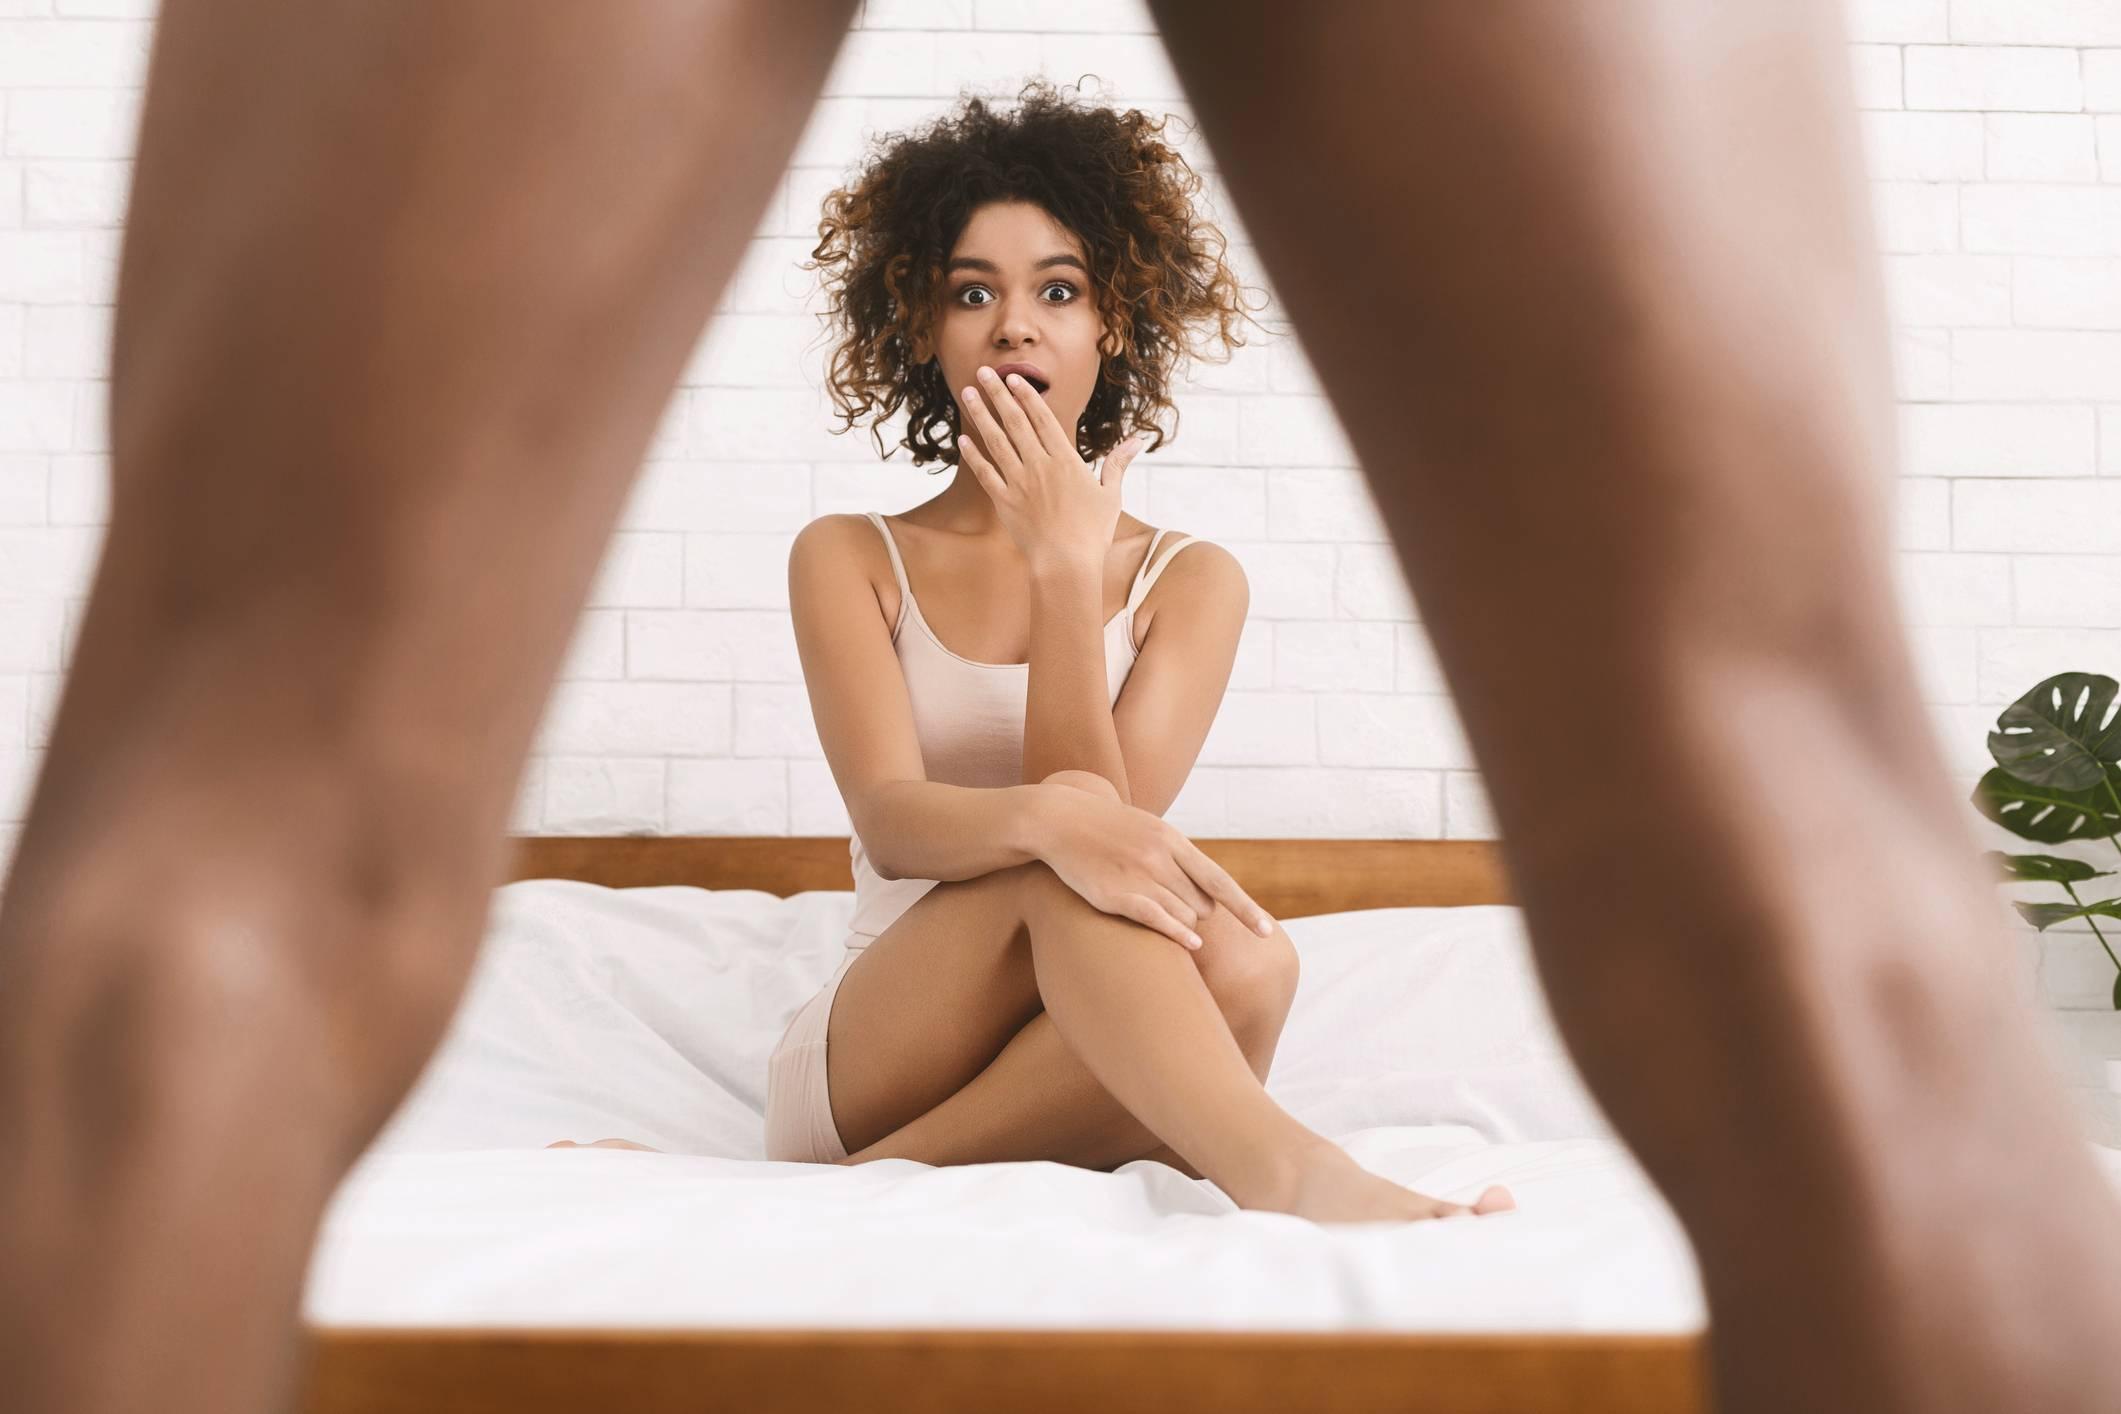 miért van a srácnak gyors merevedése milyen gyorsan áll helyre az erekció az orgazmus után